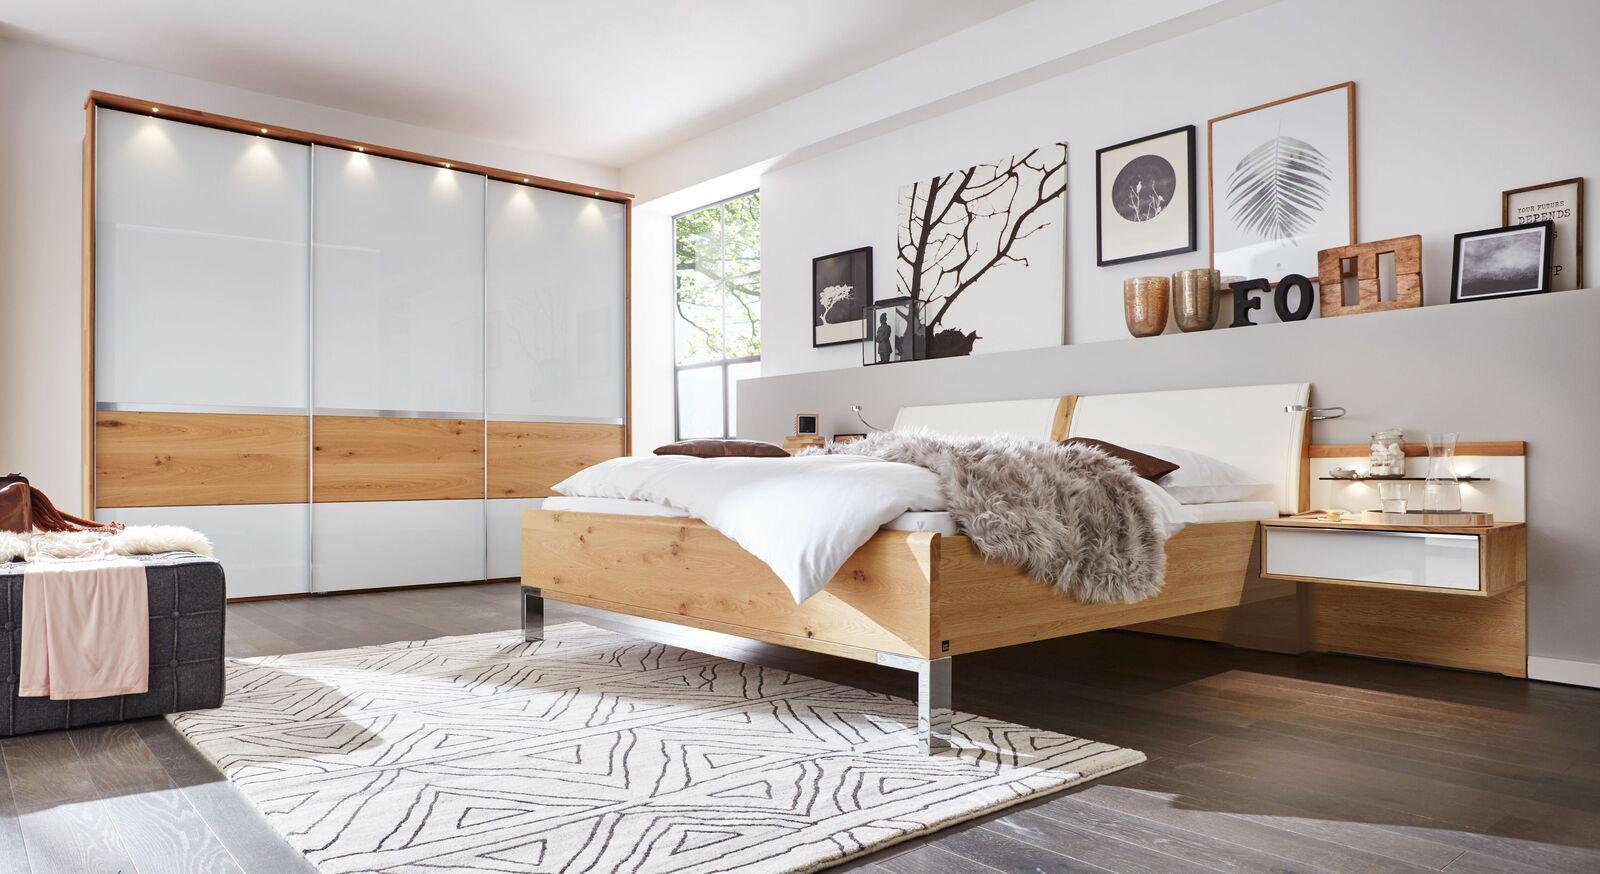 INTERLIVING Komplett-Schlafzimmer 1202 mit LED-Beleuchtung